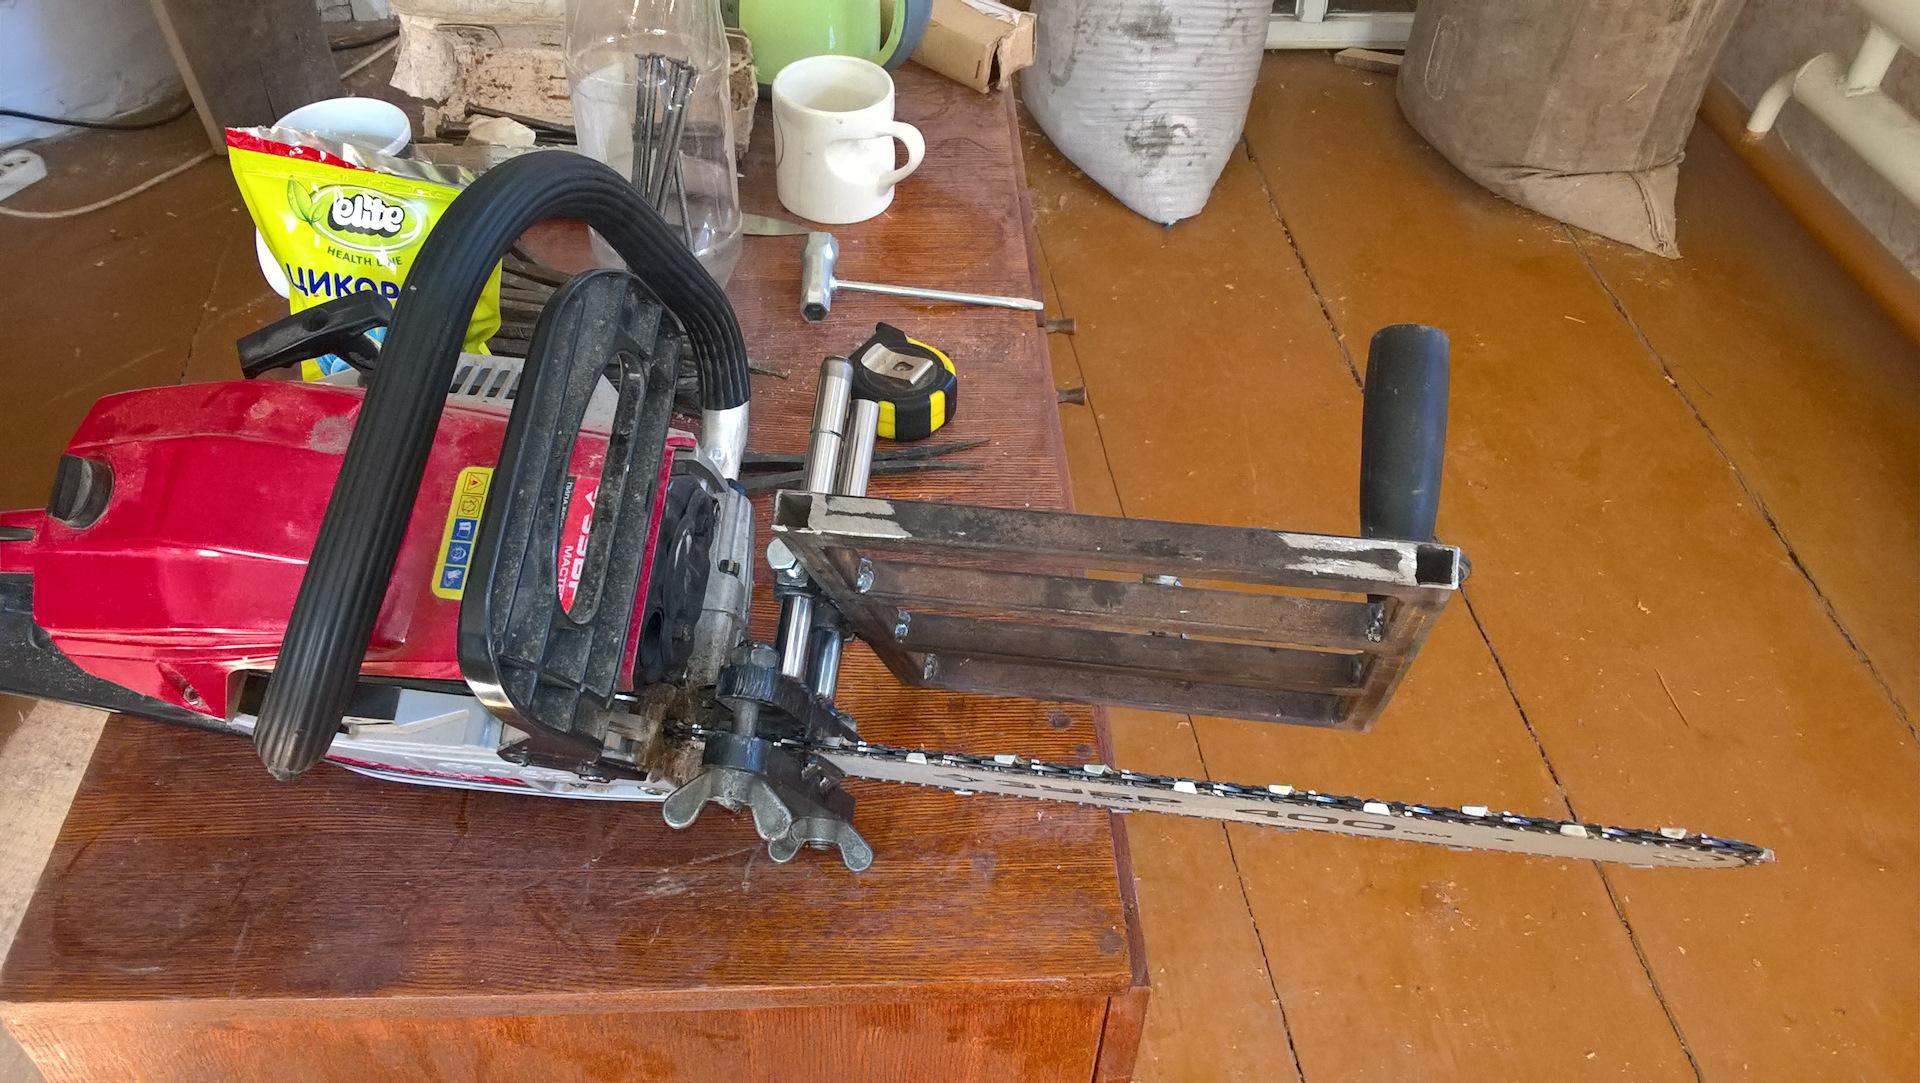 Как сделать пилораму из бензопилы своими руками: способы, материалы, технология